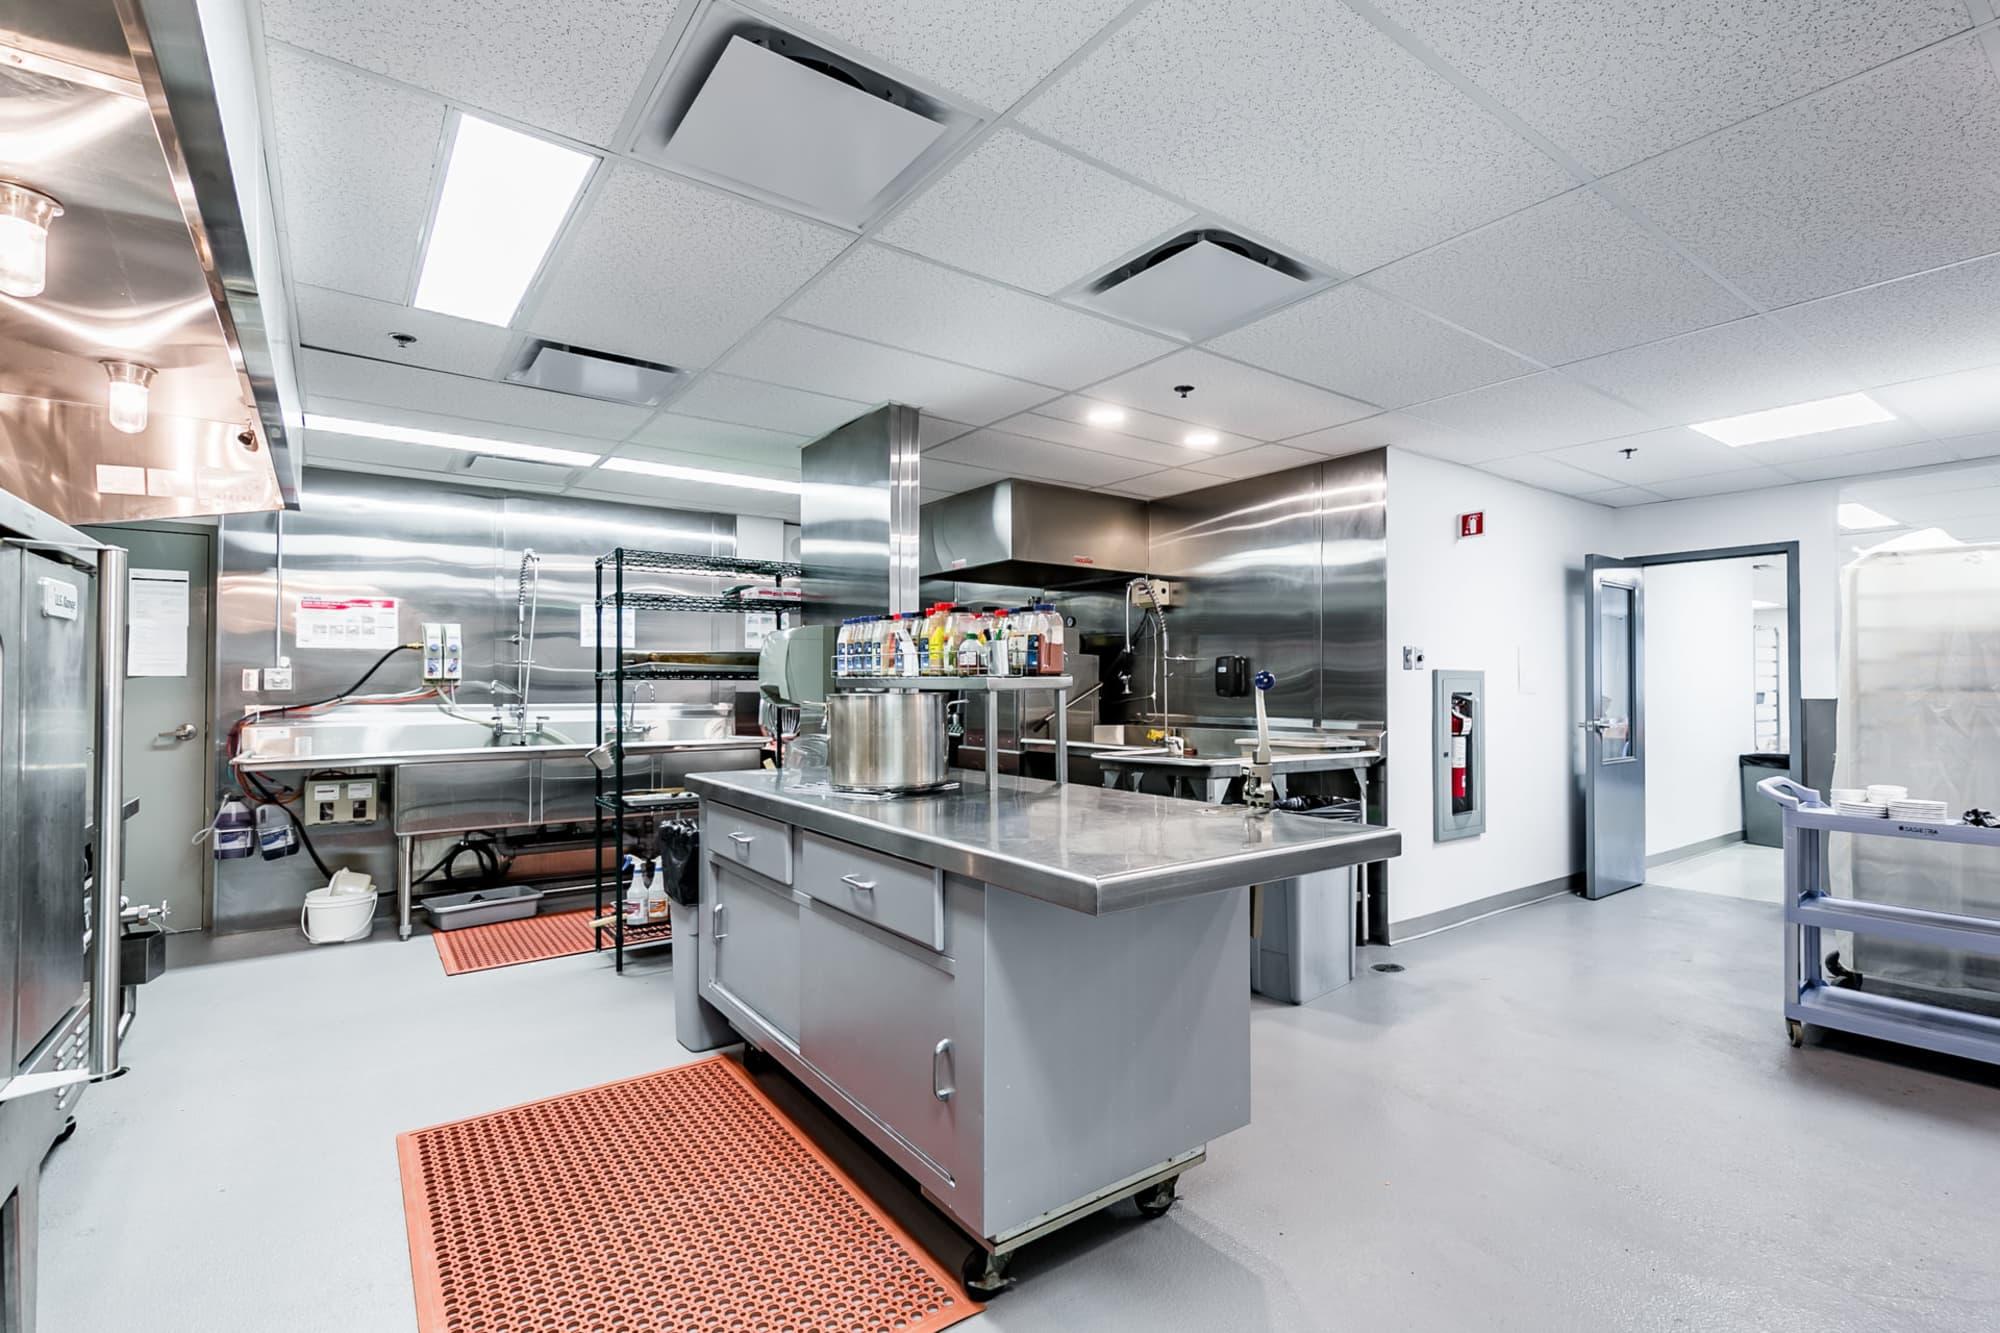 aménagement d'une cuisine commerciale en inox dans une résidence pour personnes âgées